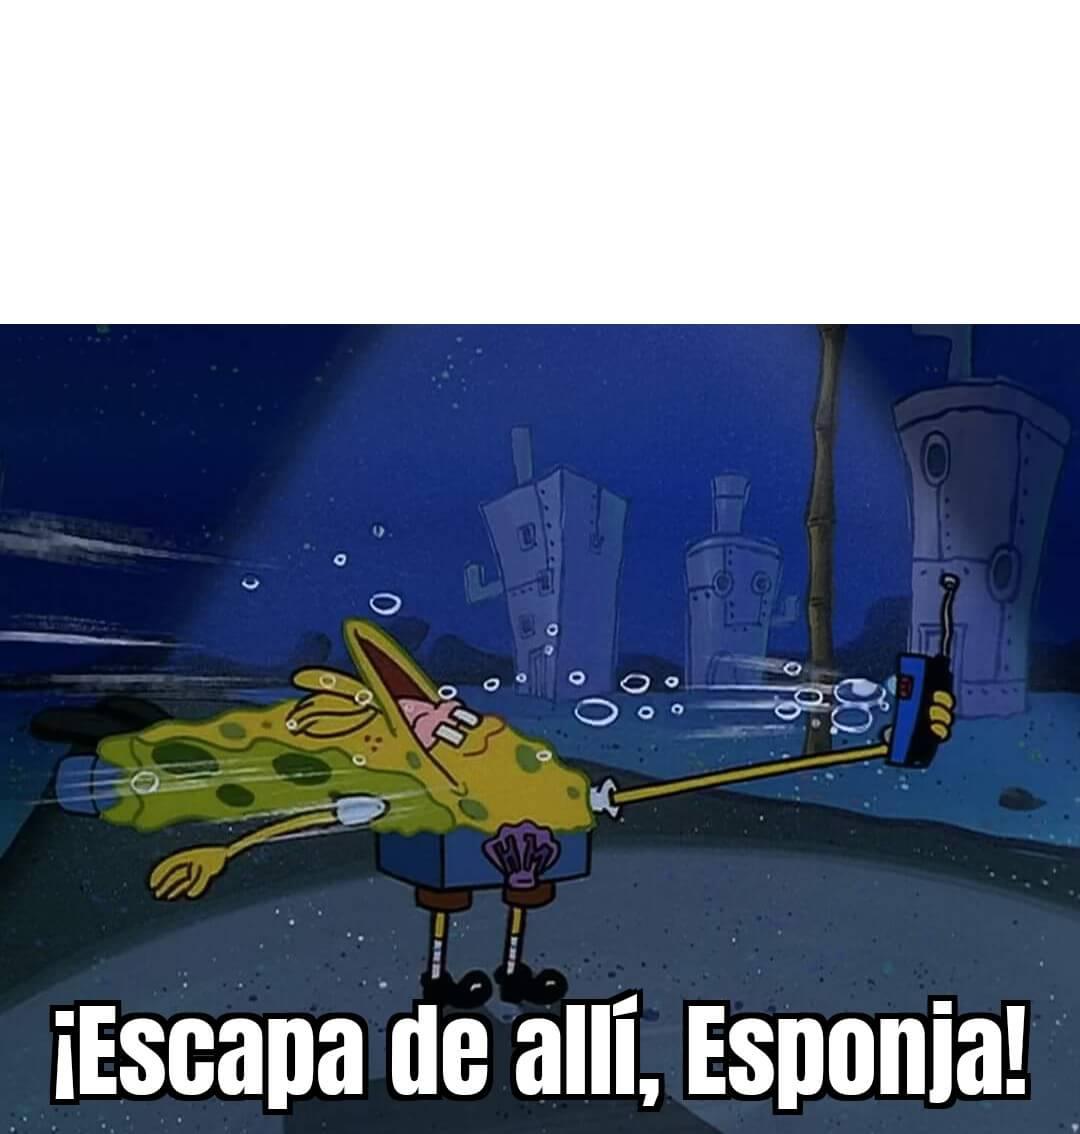 Ir a la pagina de la plantilla ¡Escapa de allí, Esponja!.